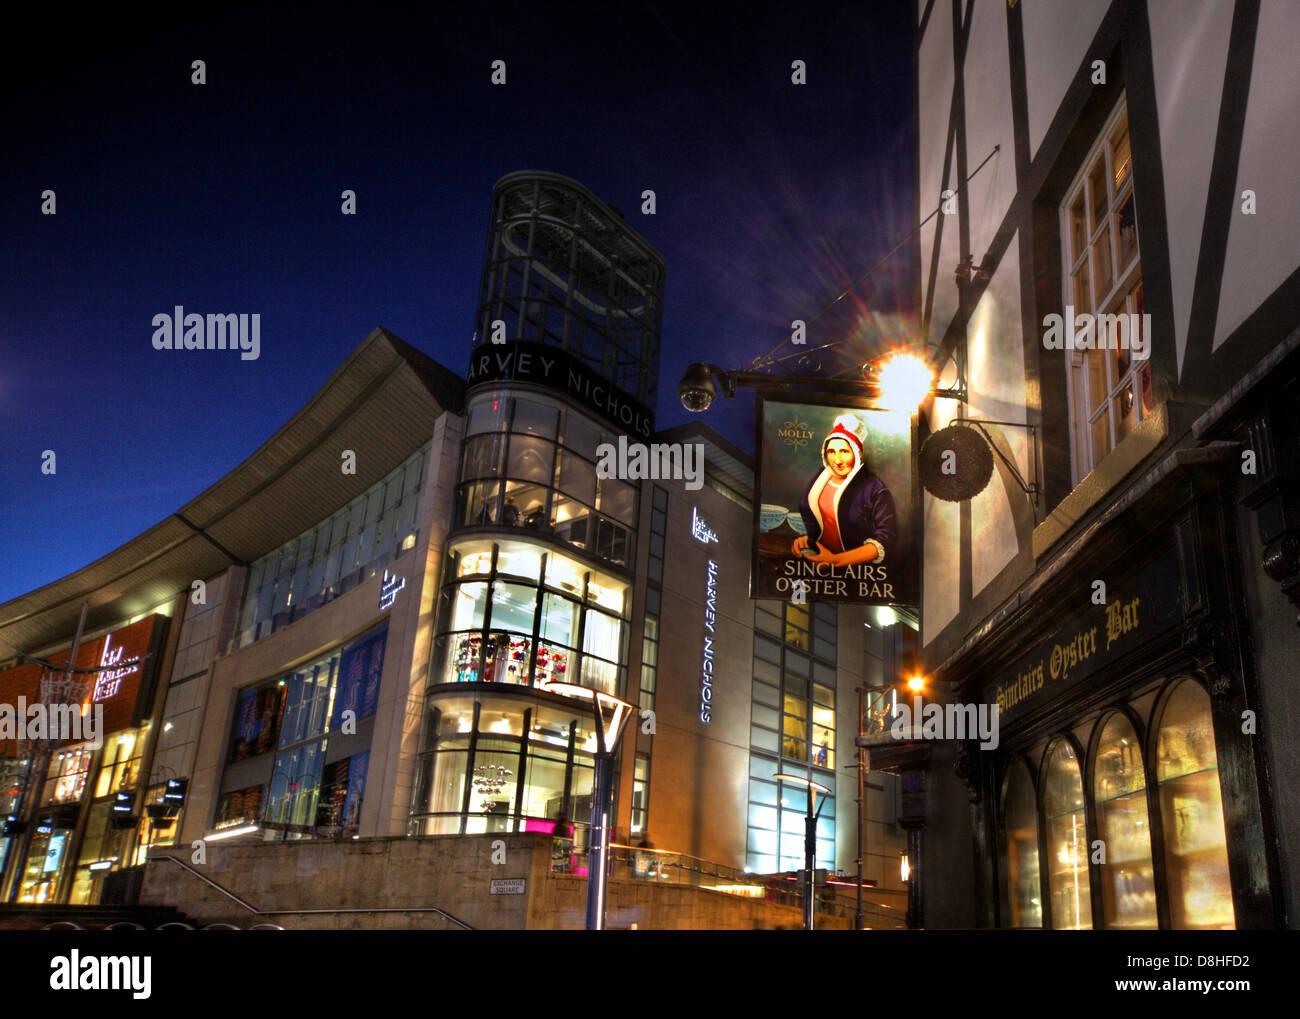 Laden Sie dieses Alamy Stockfoto Sinclairs Oyster Bar Pub, Manchester in der Abenddämmerung, Harvey Nichols Store im Hintergrund, England UK - D8HFD2